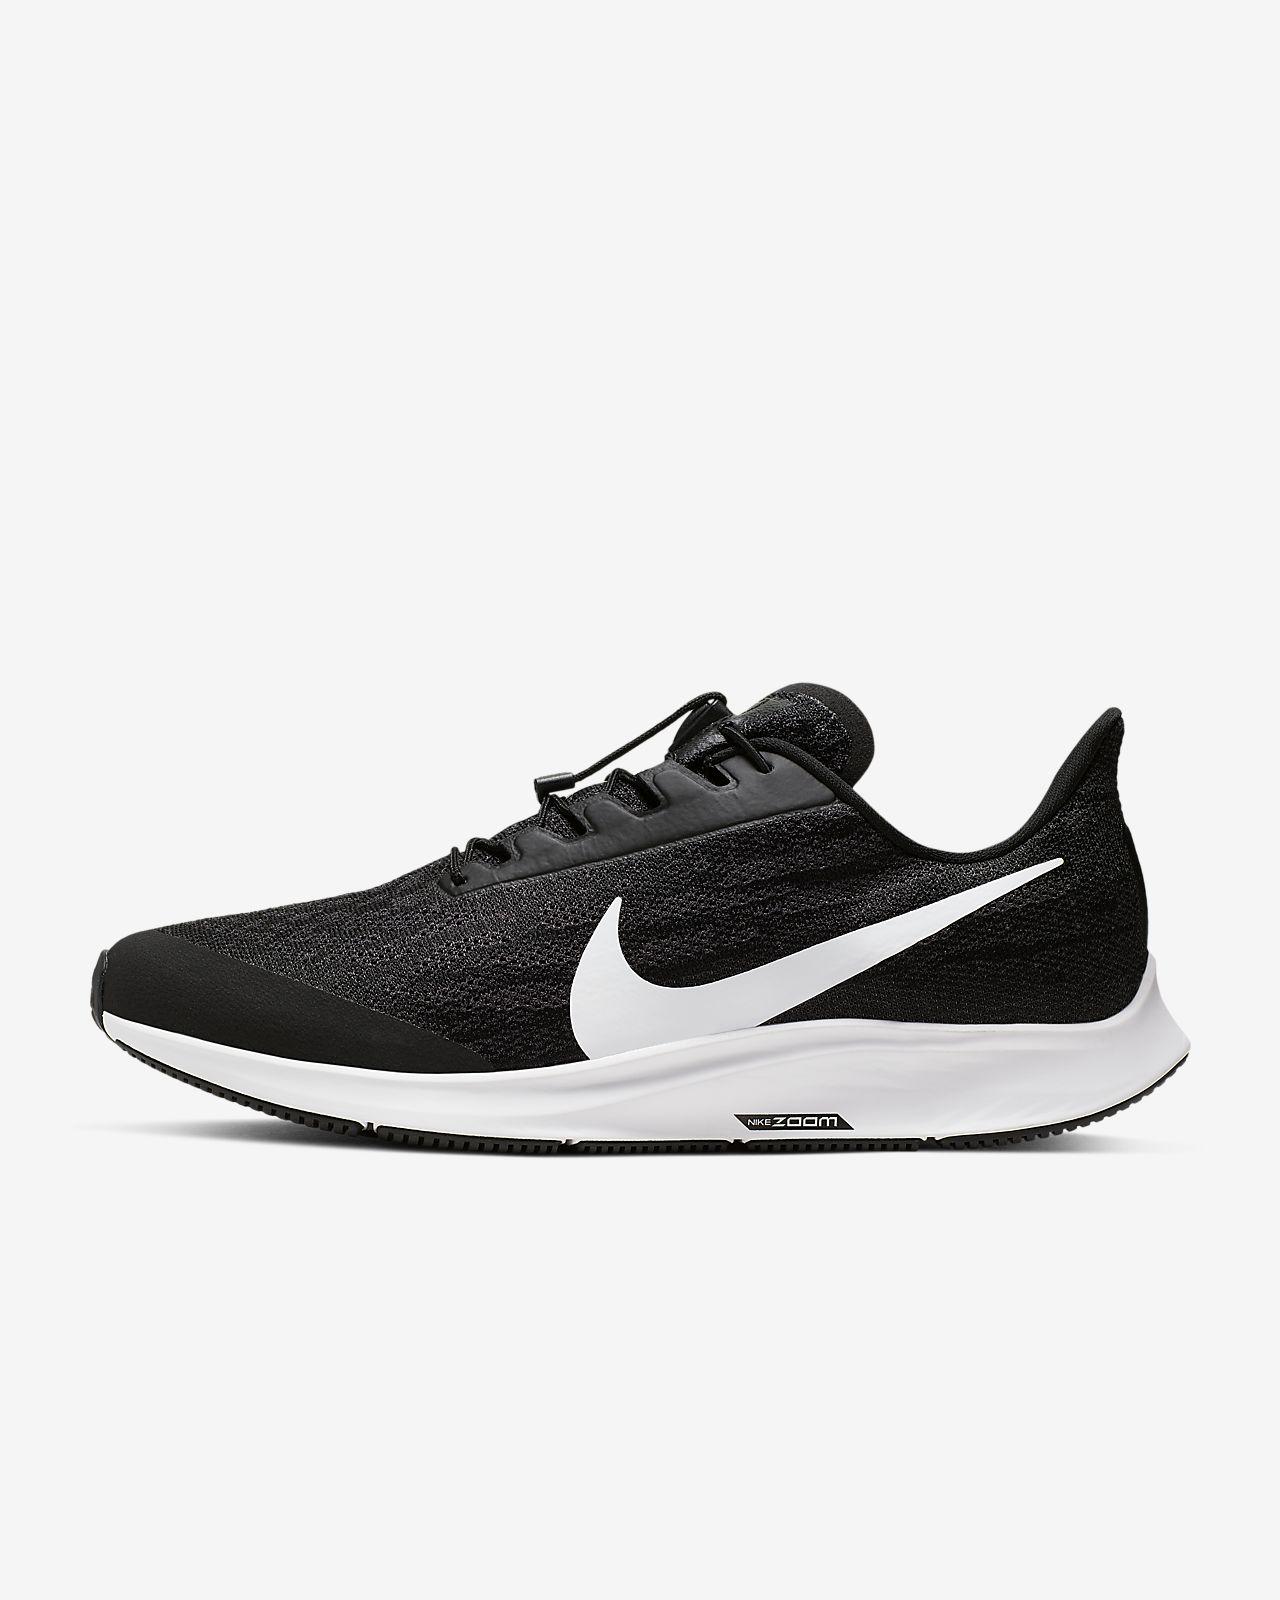 Мужские беговые кроссовки Nike Air Zoom Pegasus 36 FlyEase